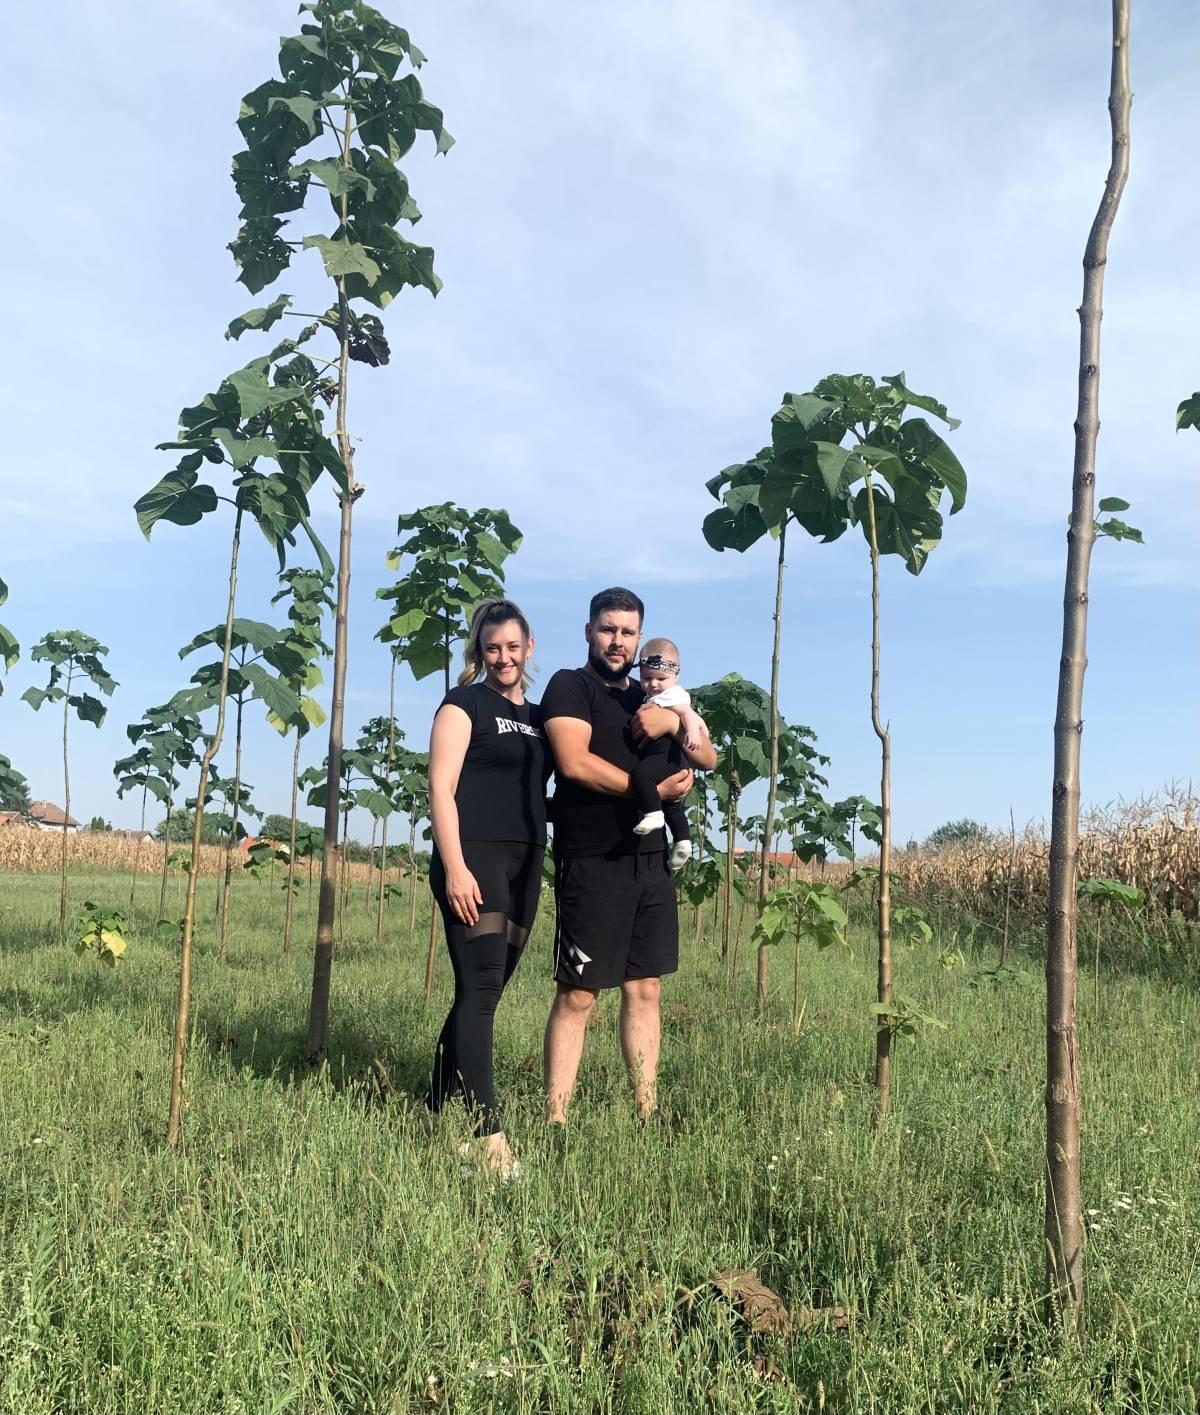 PONOSNI VLASNICI: Obitelj Glavanović iz Vukovara posjeduje 665 stabala paulovnije